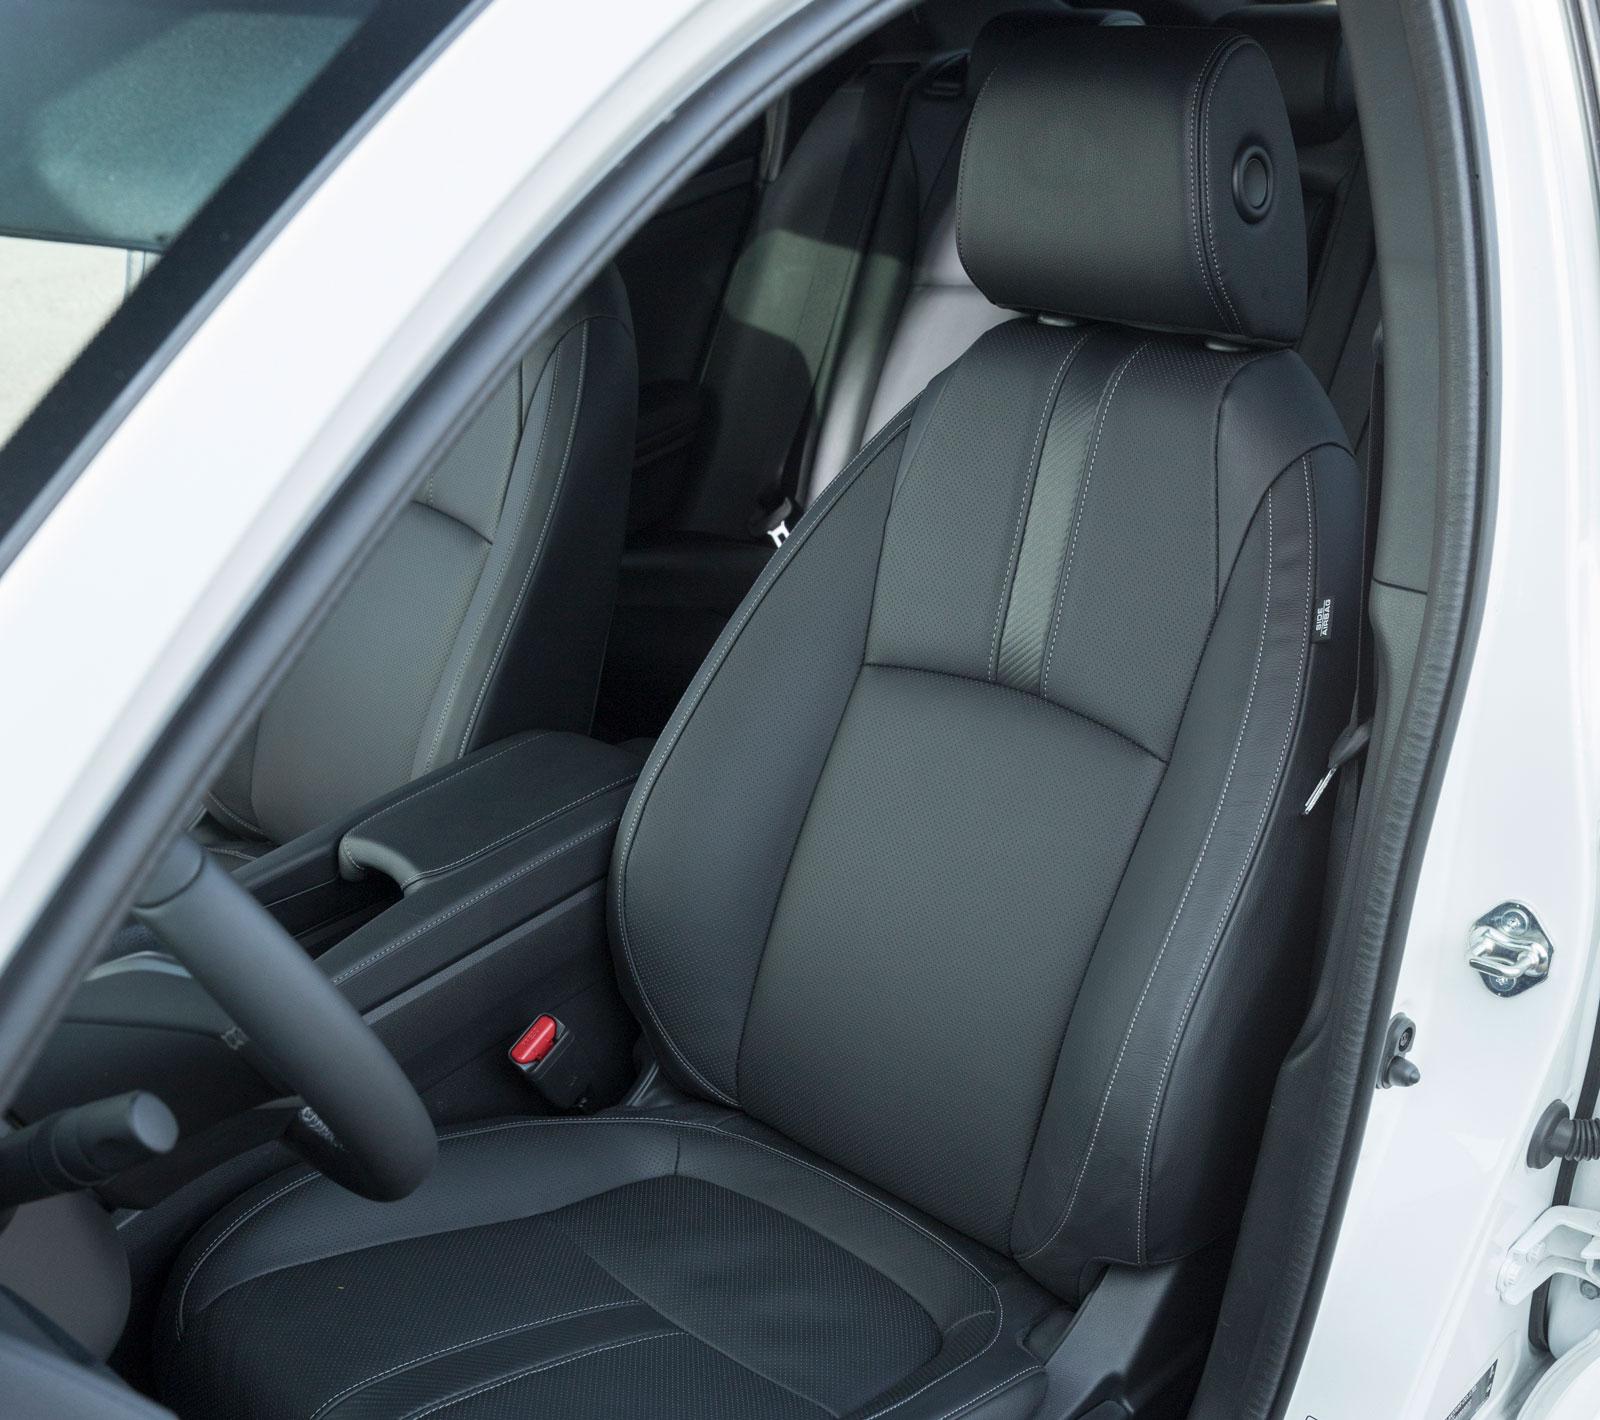 Sköna stolar delvis läderklädda. Sittpositionen är klart lägre än i Hyundai och Skoda.